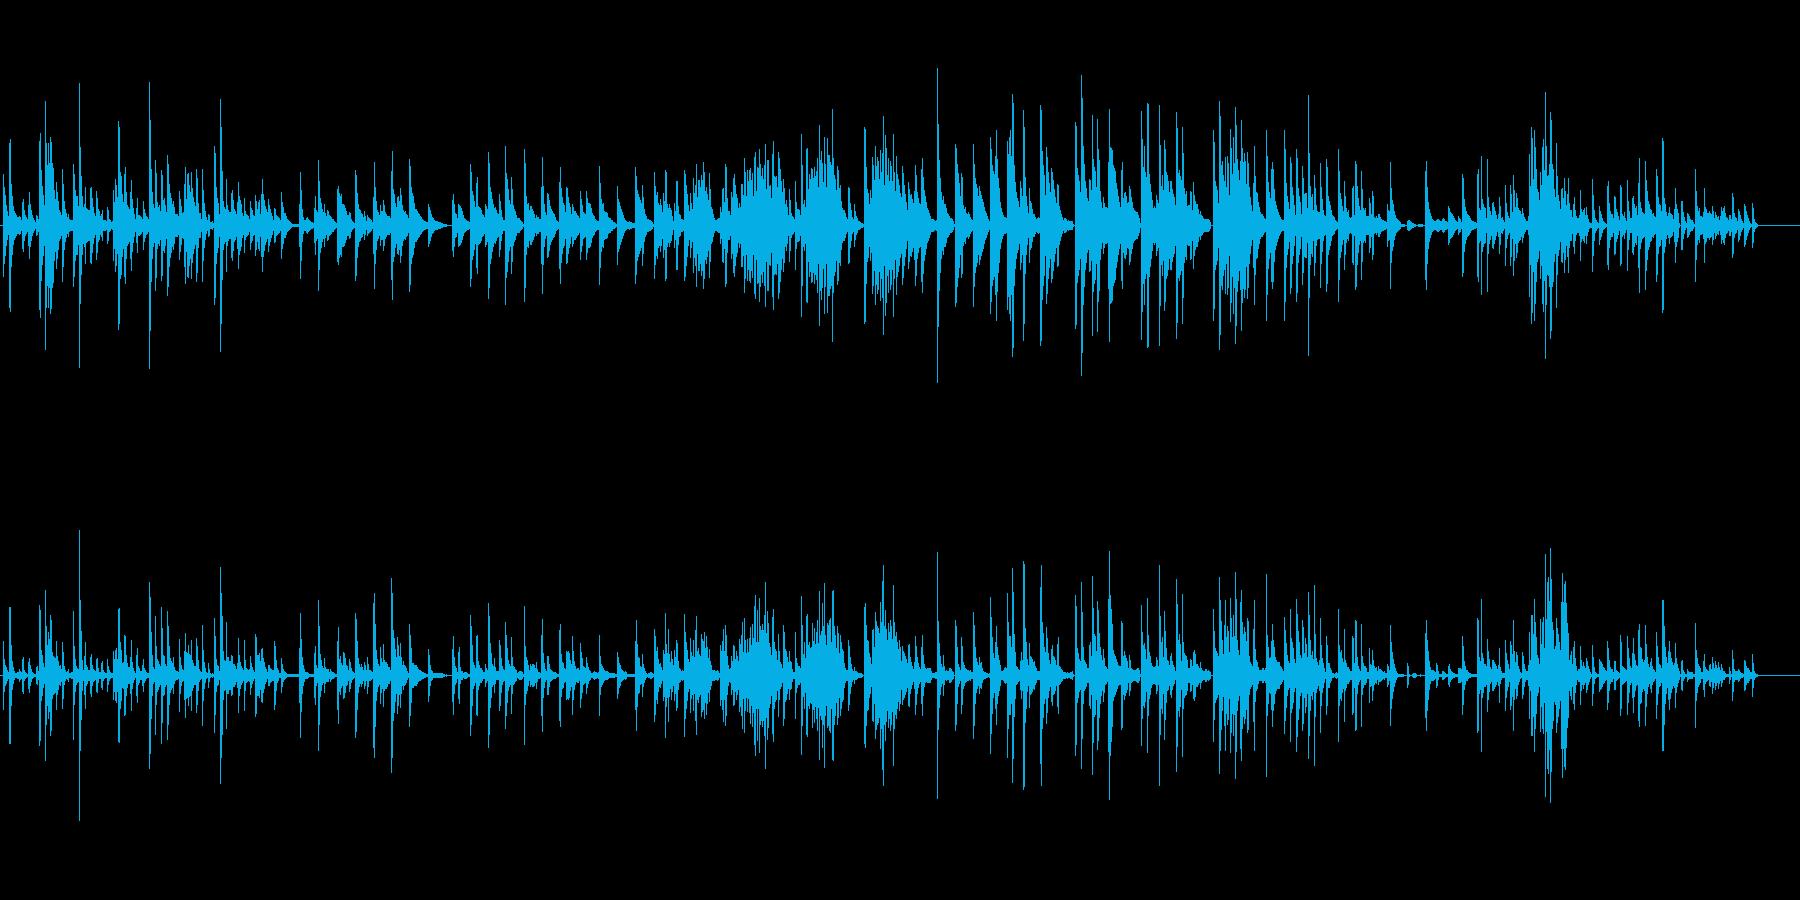 生ピアノソロ・漂う海月(ソフトピアノ)の再生済みの波形